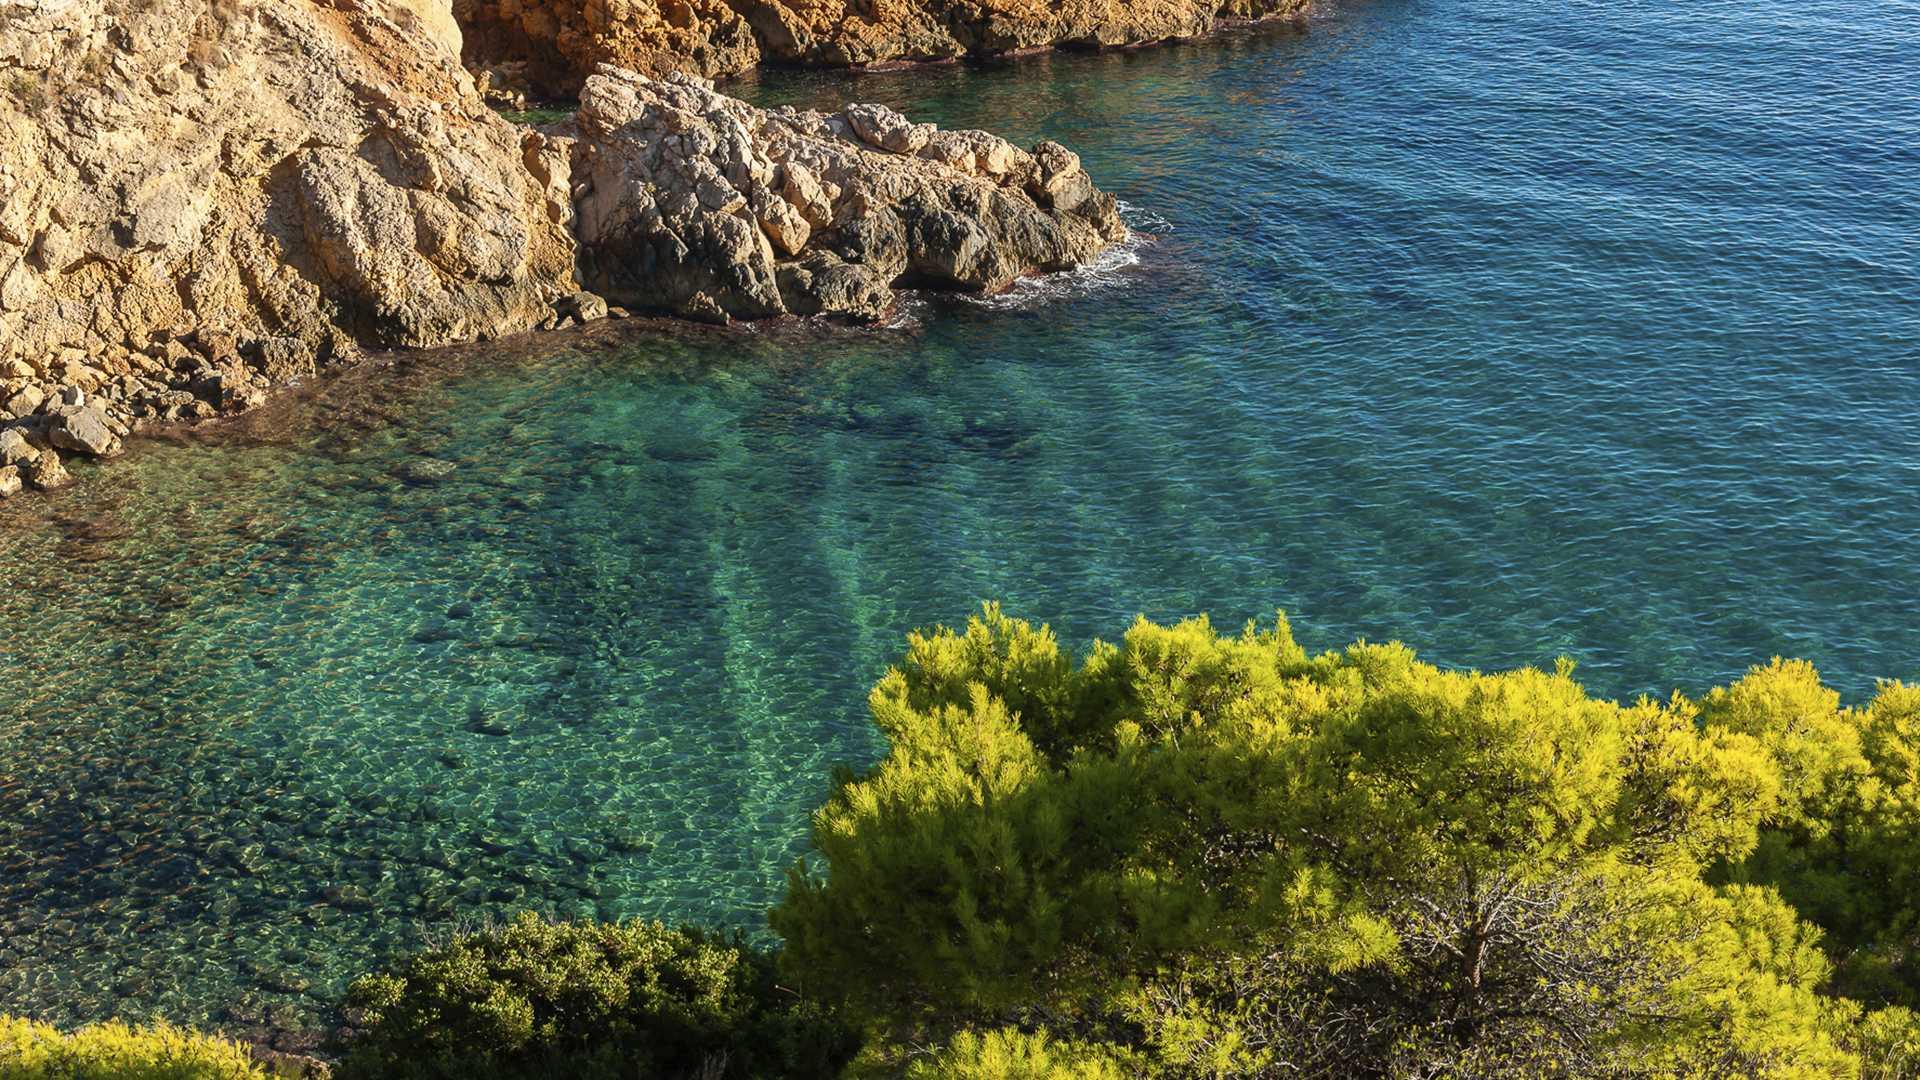 Un día de buceo en familia por la Costa Blanca para descubrir secretos mediterráneos